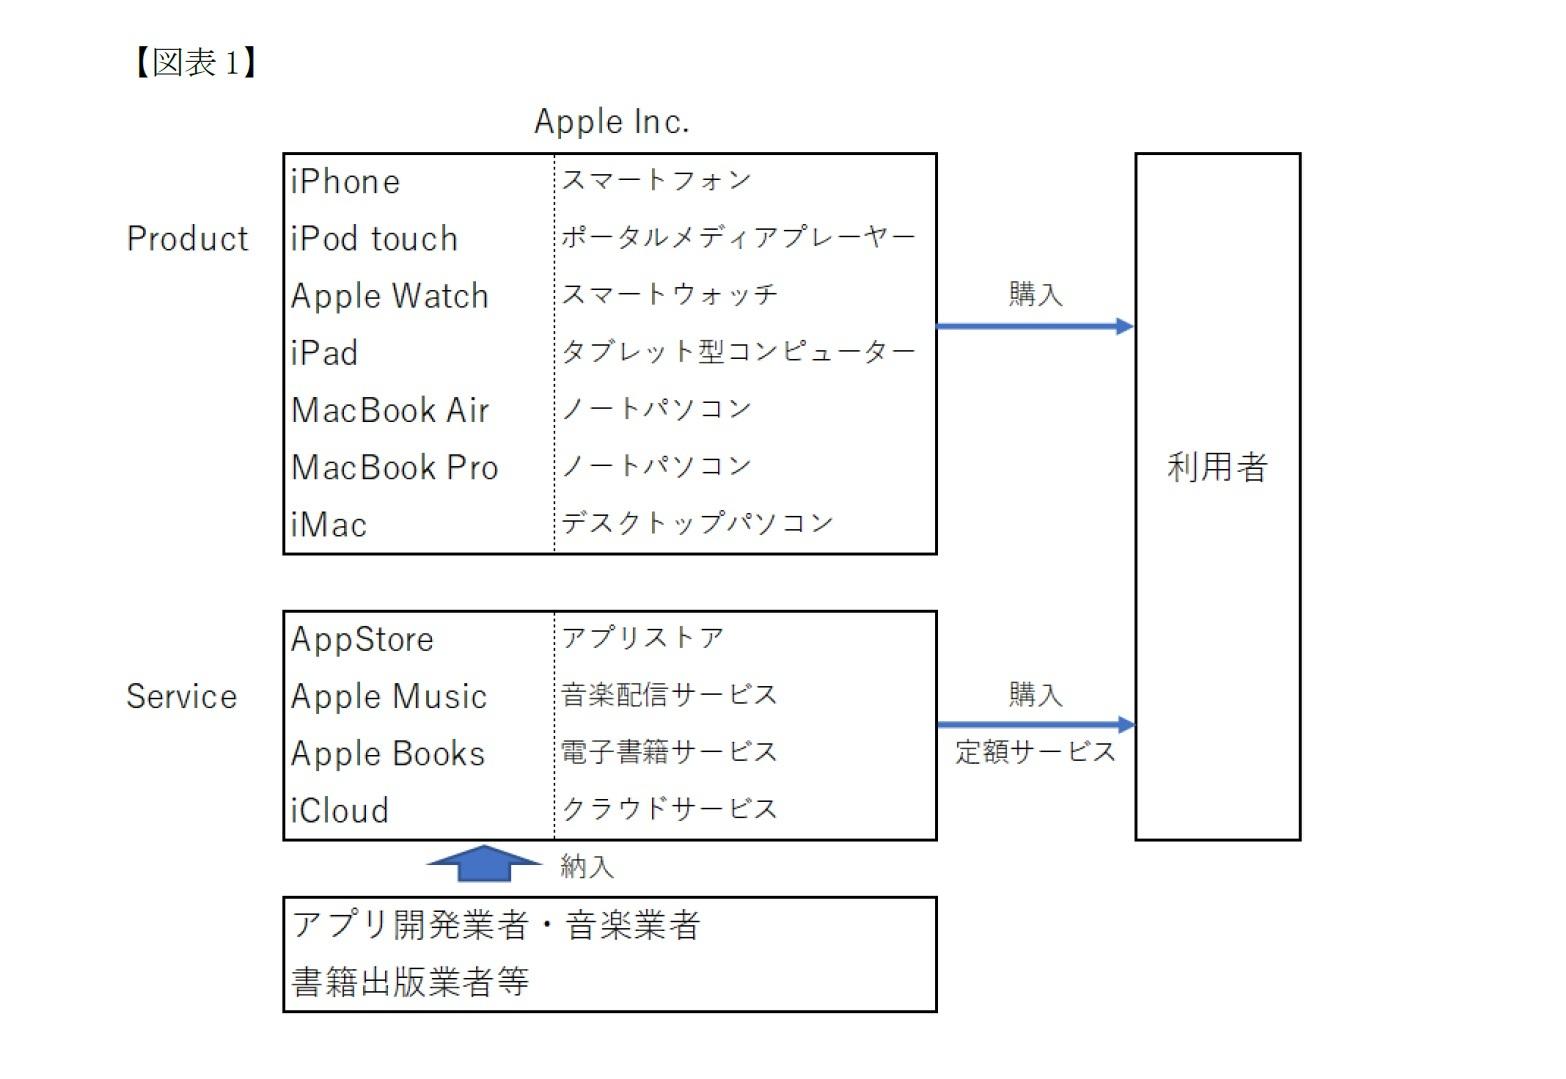 アップルの製品とサービス